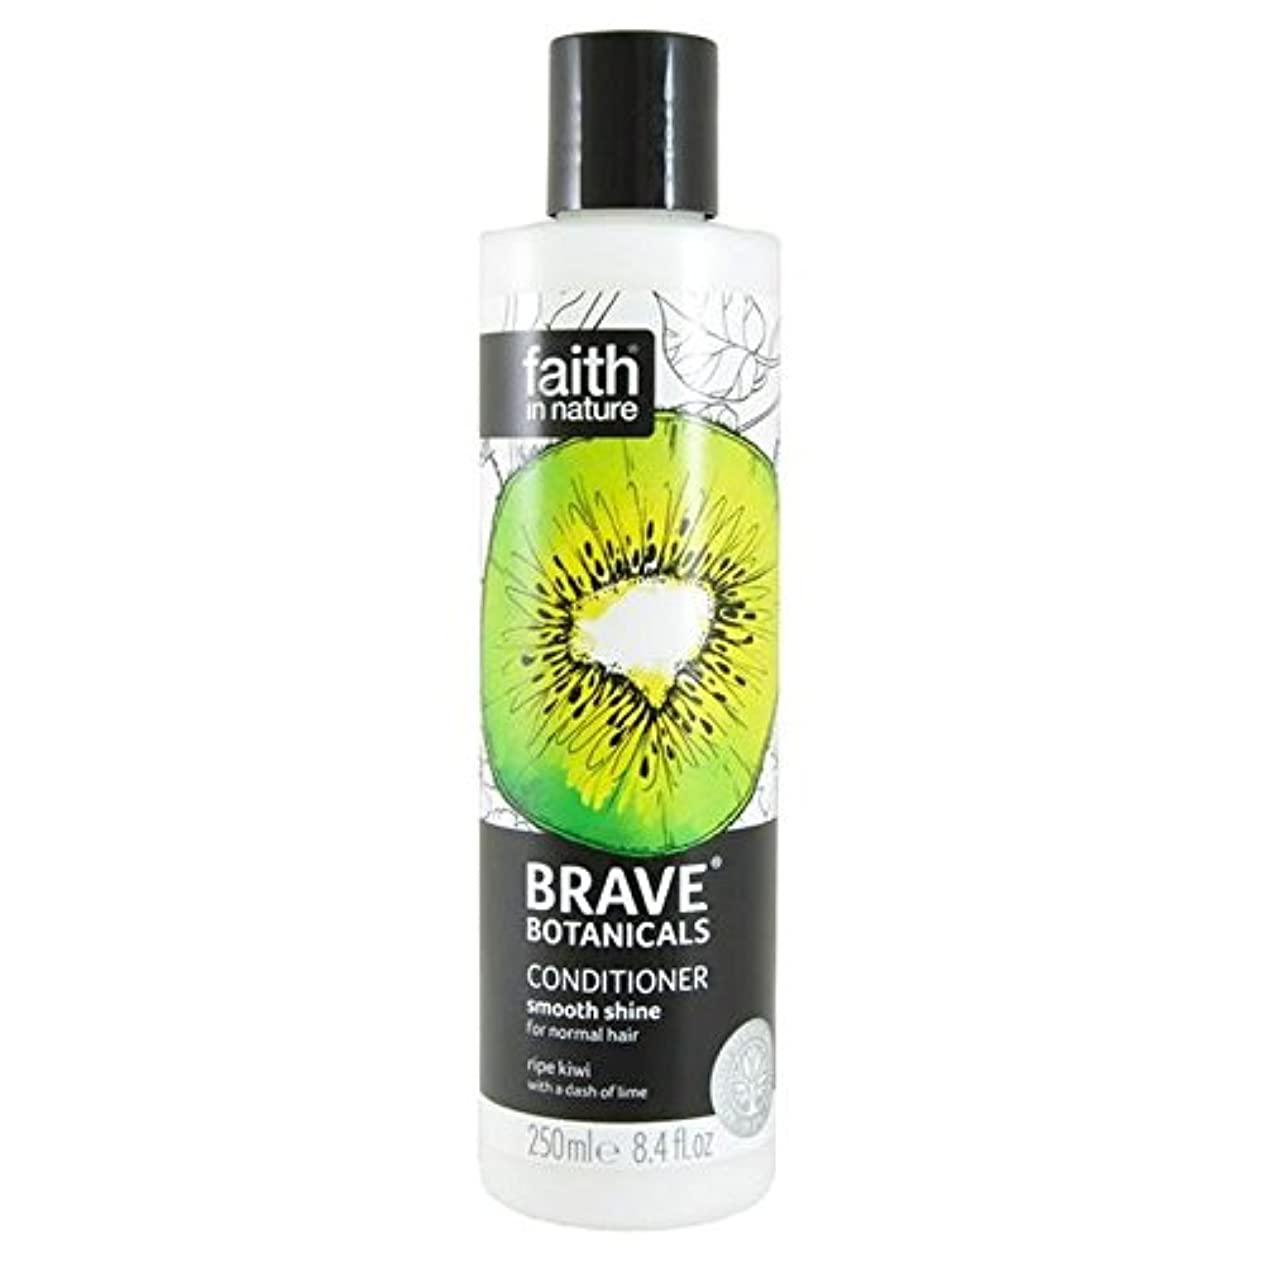 条件付き他にラッチBrave Botanicals Kiwi & Lime Smooth Shine Conditioner 250ml (Pack of 4) - (Faith In Nature) 勇敢な植物キウイ&ライムなめらかな輝きコンディショナー250Ml (x4) [並行輸入品]